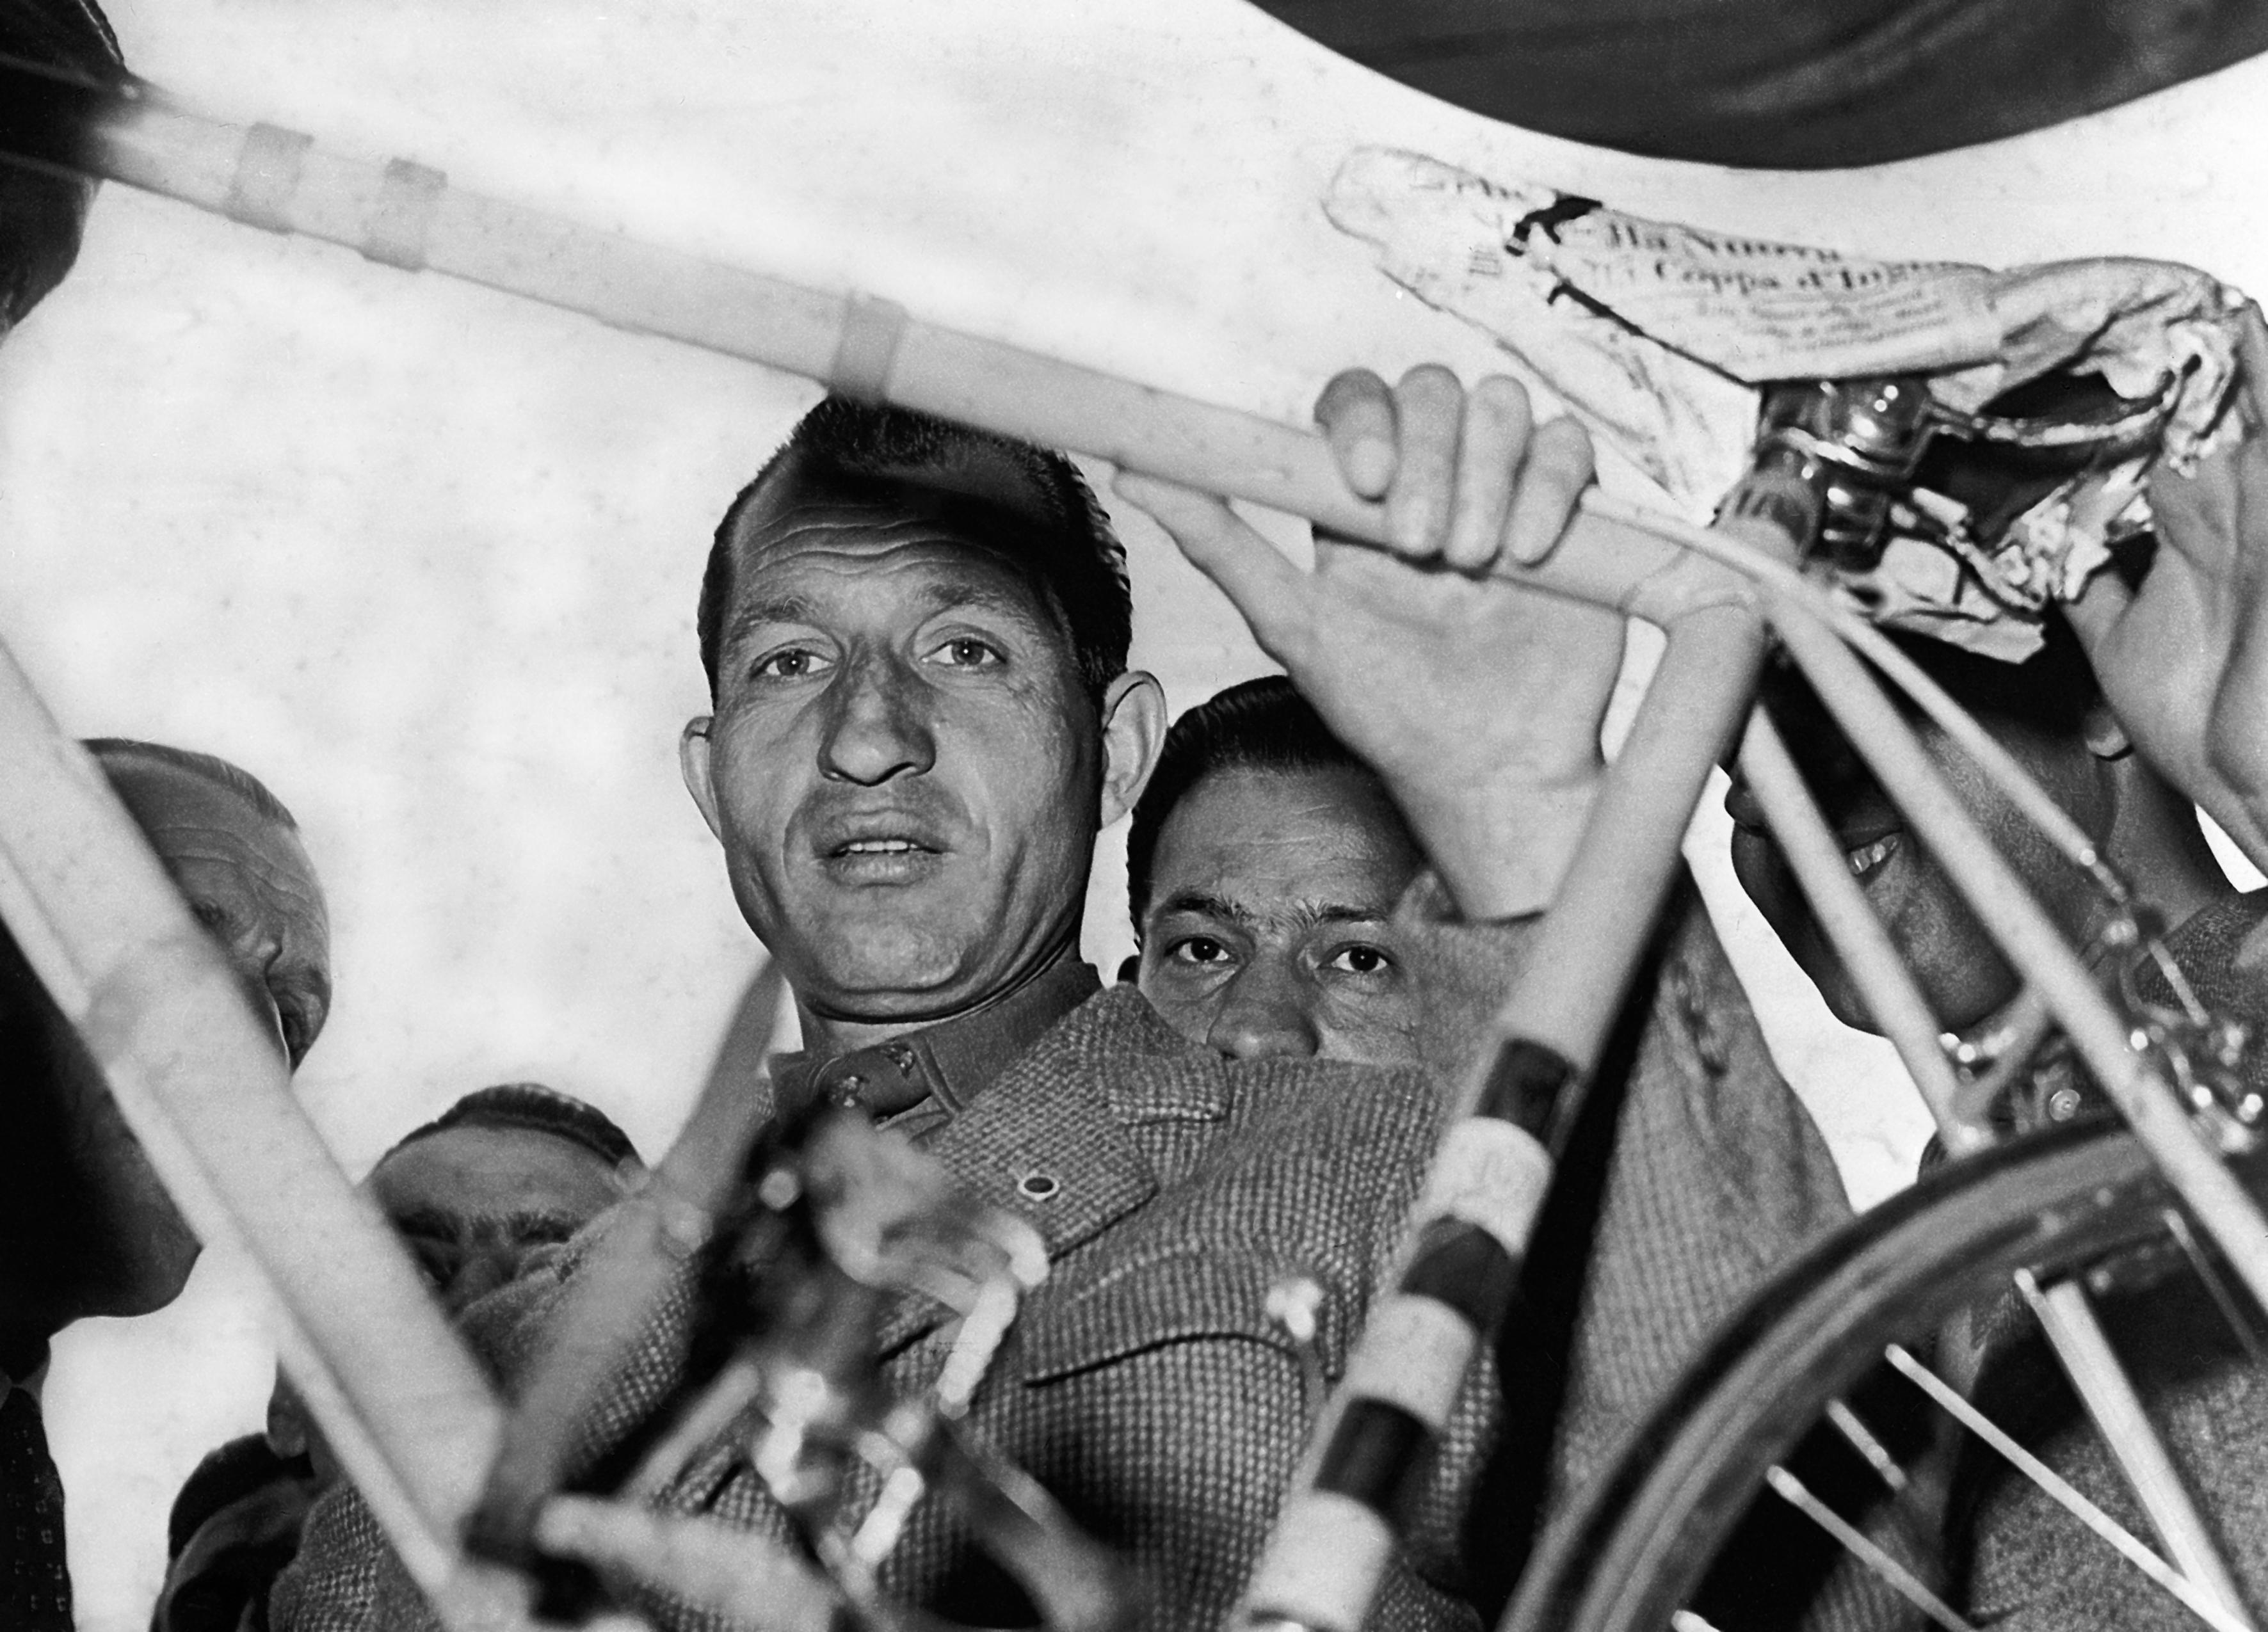 © LaPresse<br /> Marzo 1952<br /> Archivio Storico<br /> Gino Bartali<br /> Nella foto: GINO BARTALI alla punzonatura della Milano-Sanremo<br /> Neg. 28584